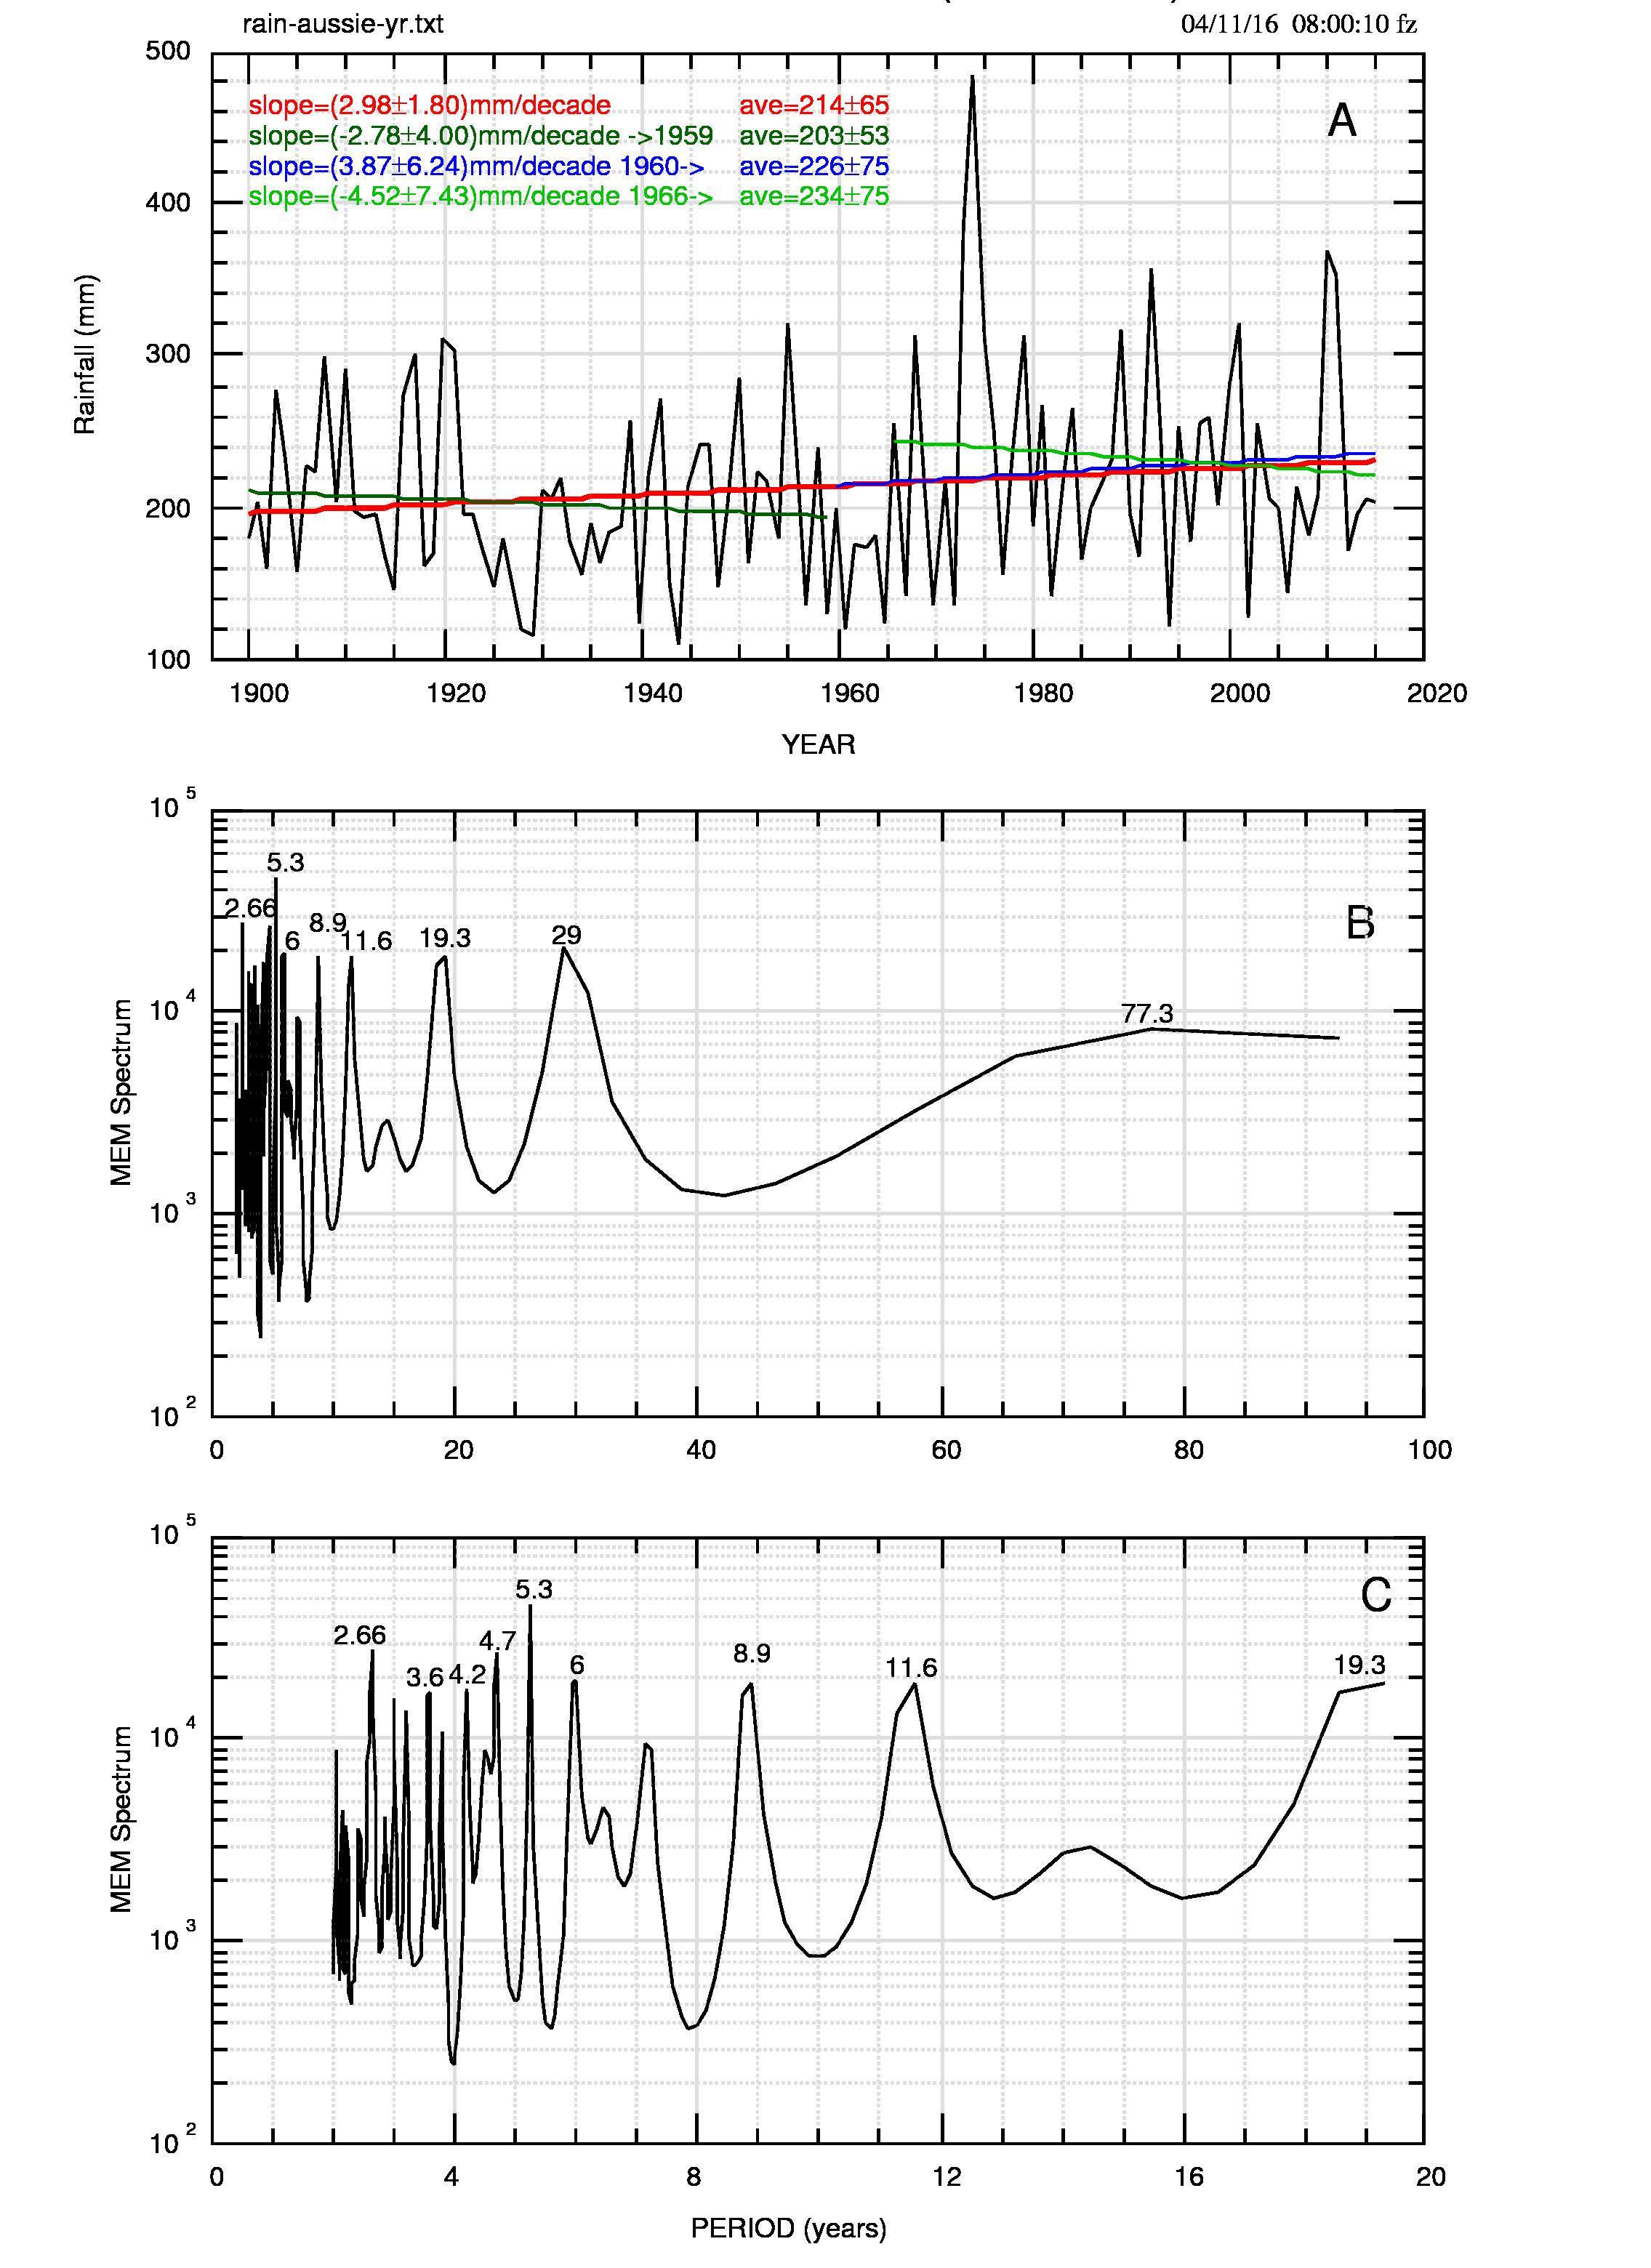 Fig.1: A) precipitazioni annuali e fit lineare (linea rossa); separazione del dataset in due parti, di cui la seconda è a sua volta in due versioni: dal 1960 (linea blu) e dal 1966 (linea verde chiaro). I valori numerici della pendenza e le medie dei diversi sottoinsiemi sono riportate in alto a sinistra. B) e C): spettro MEM e suo ingrandimento.